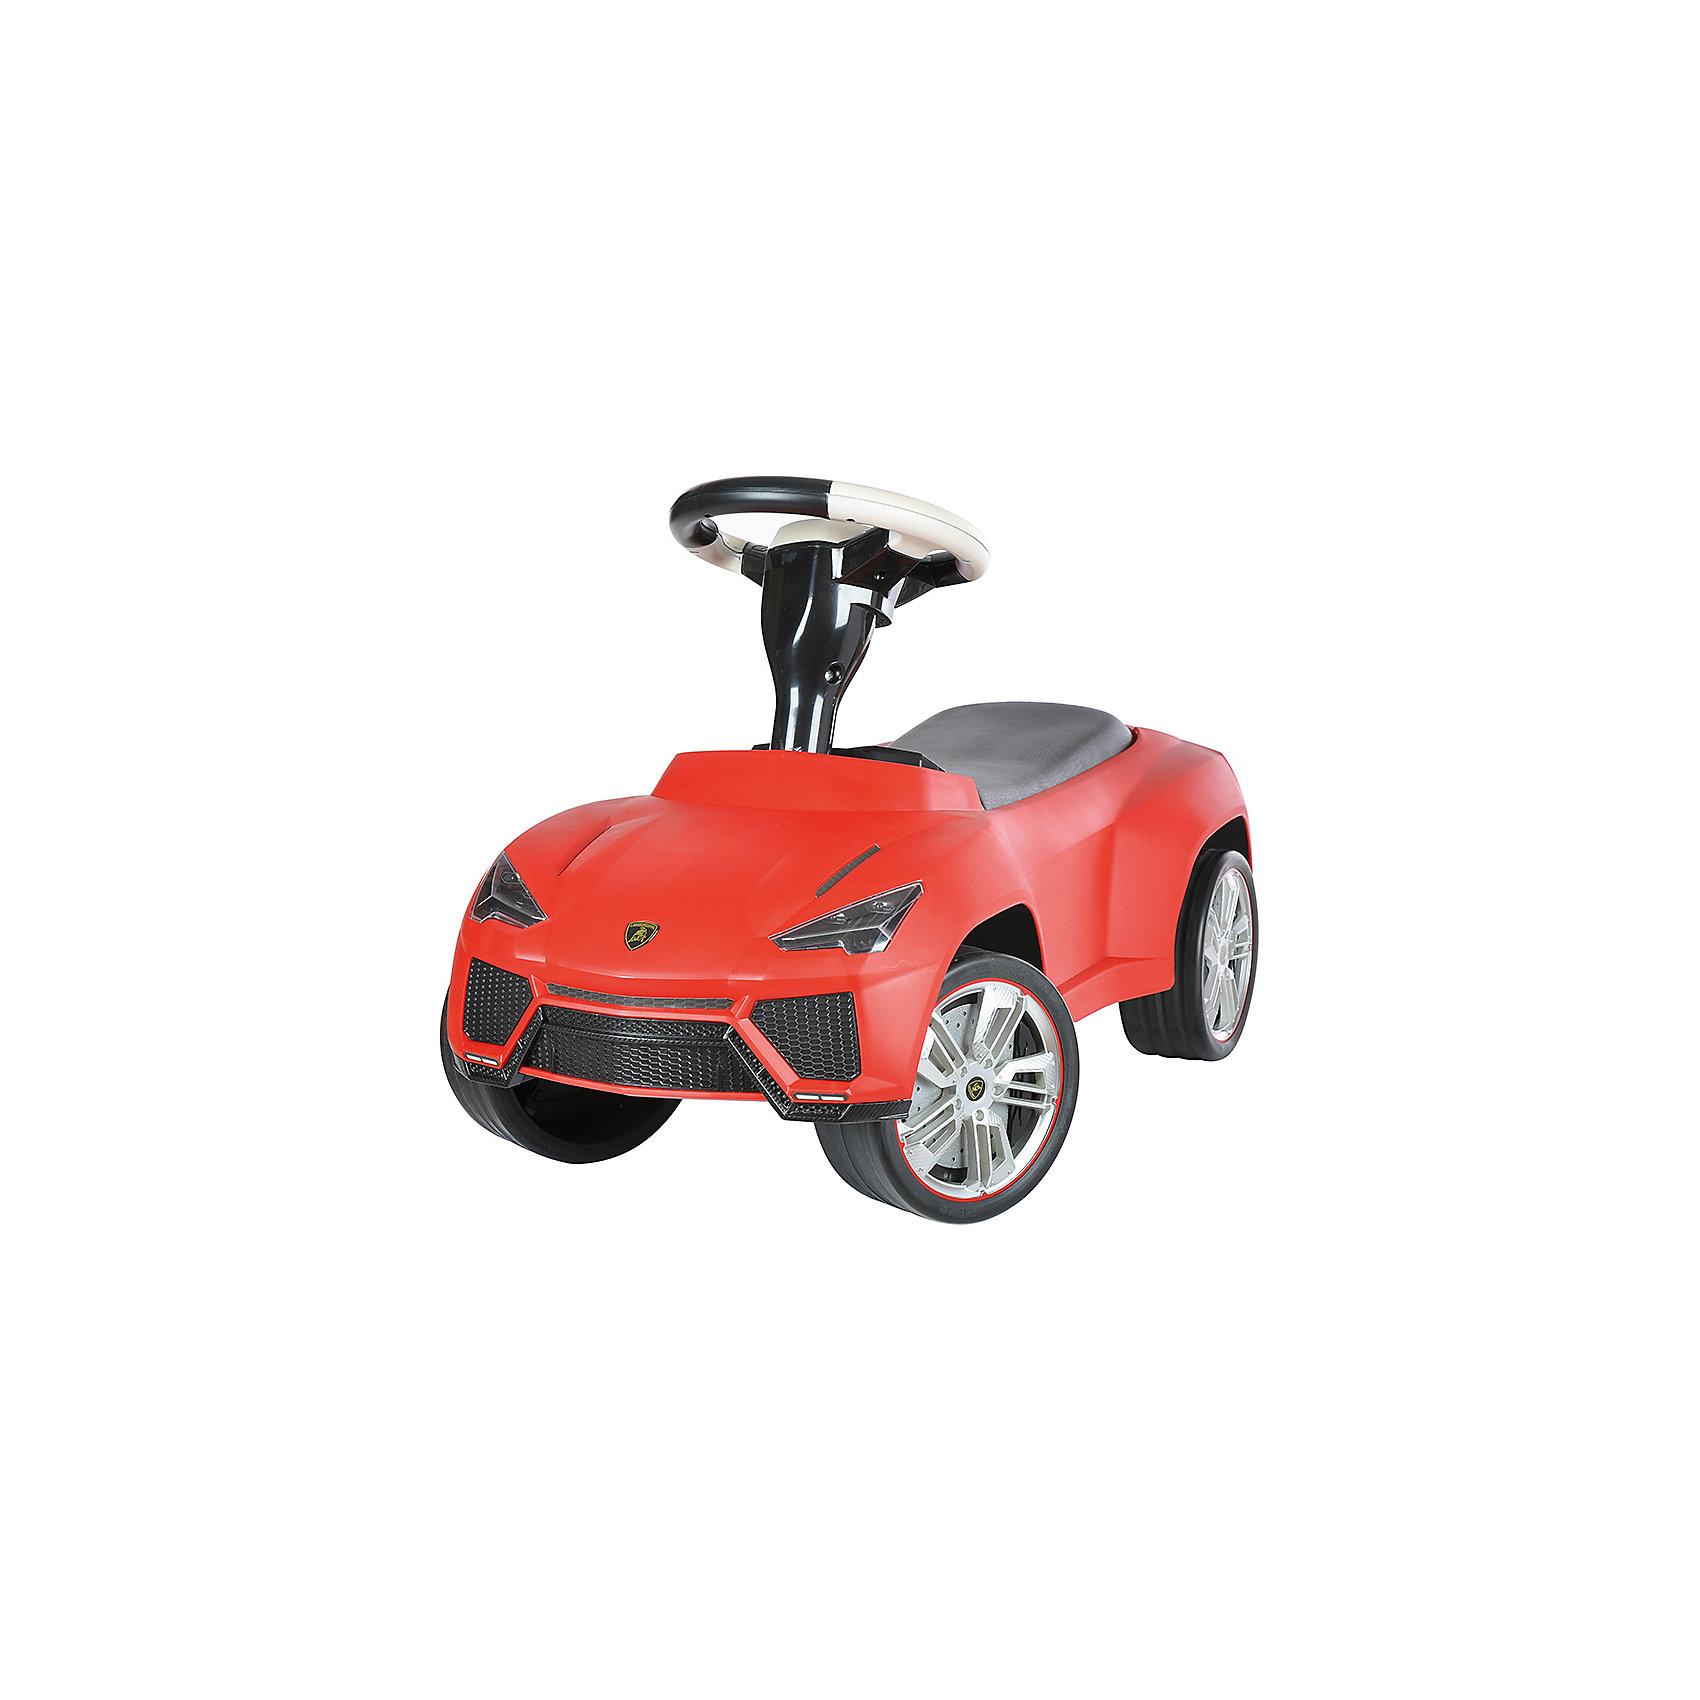 Каталка Lamborghini Urus, красный, RASTARМашинки-каталки<br>Каталка Lamborghini Urus, красный, RASTAR - осчастливьте своего ребенка безопасной детской машиной.<br>Благодаря тому, что каталка имеет устойчивую конструкцию и колеса с поворотом на 90 градусов, она полностью безопасна для ребенка, даже если он любит быструю езду.  На руле есть кнопка для звукового сигнала. Ход машины очень плавный, может ездить вперед и назад. Есть вместительный багажник для игрушек или вещей, под сиденьем. Машина сделана под марку «Lamborghini».<br><br>Дополнительная информация:<br><br>- размер: 70 ? 30 ? 39 см<br>- вес: 2,7 кг<br>- возраст: от 1 до 3 лет<br>- максимальный вес: до 30 кг<br>- цвет: красный<br><br>Каталку Lamborghini Urus, красный, RASTAR можно купить в нашем интернет магазине.<br><br>Ширина мм: 650<br>Глубина мм: 350<br>Высота мм: 300<br>Вес г: 3800<br>Возраст от месяцев: 12<br>Возраст до месяцев: 36<br>Пол: Унисекс<br>Возраст: Детский<br>SKU: 4995161